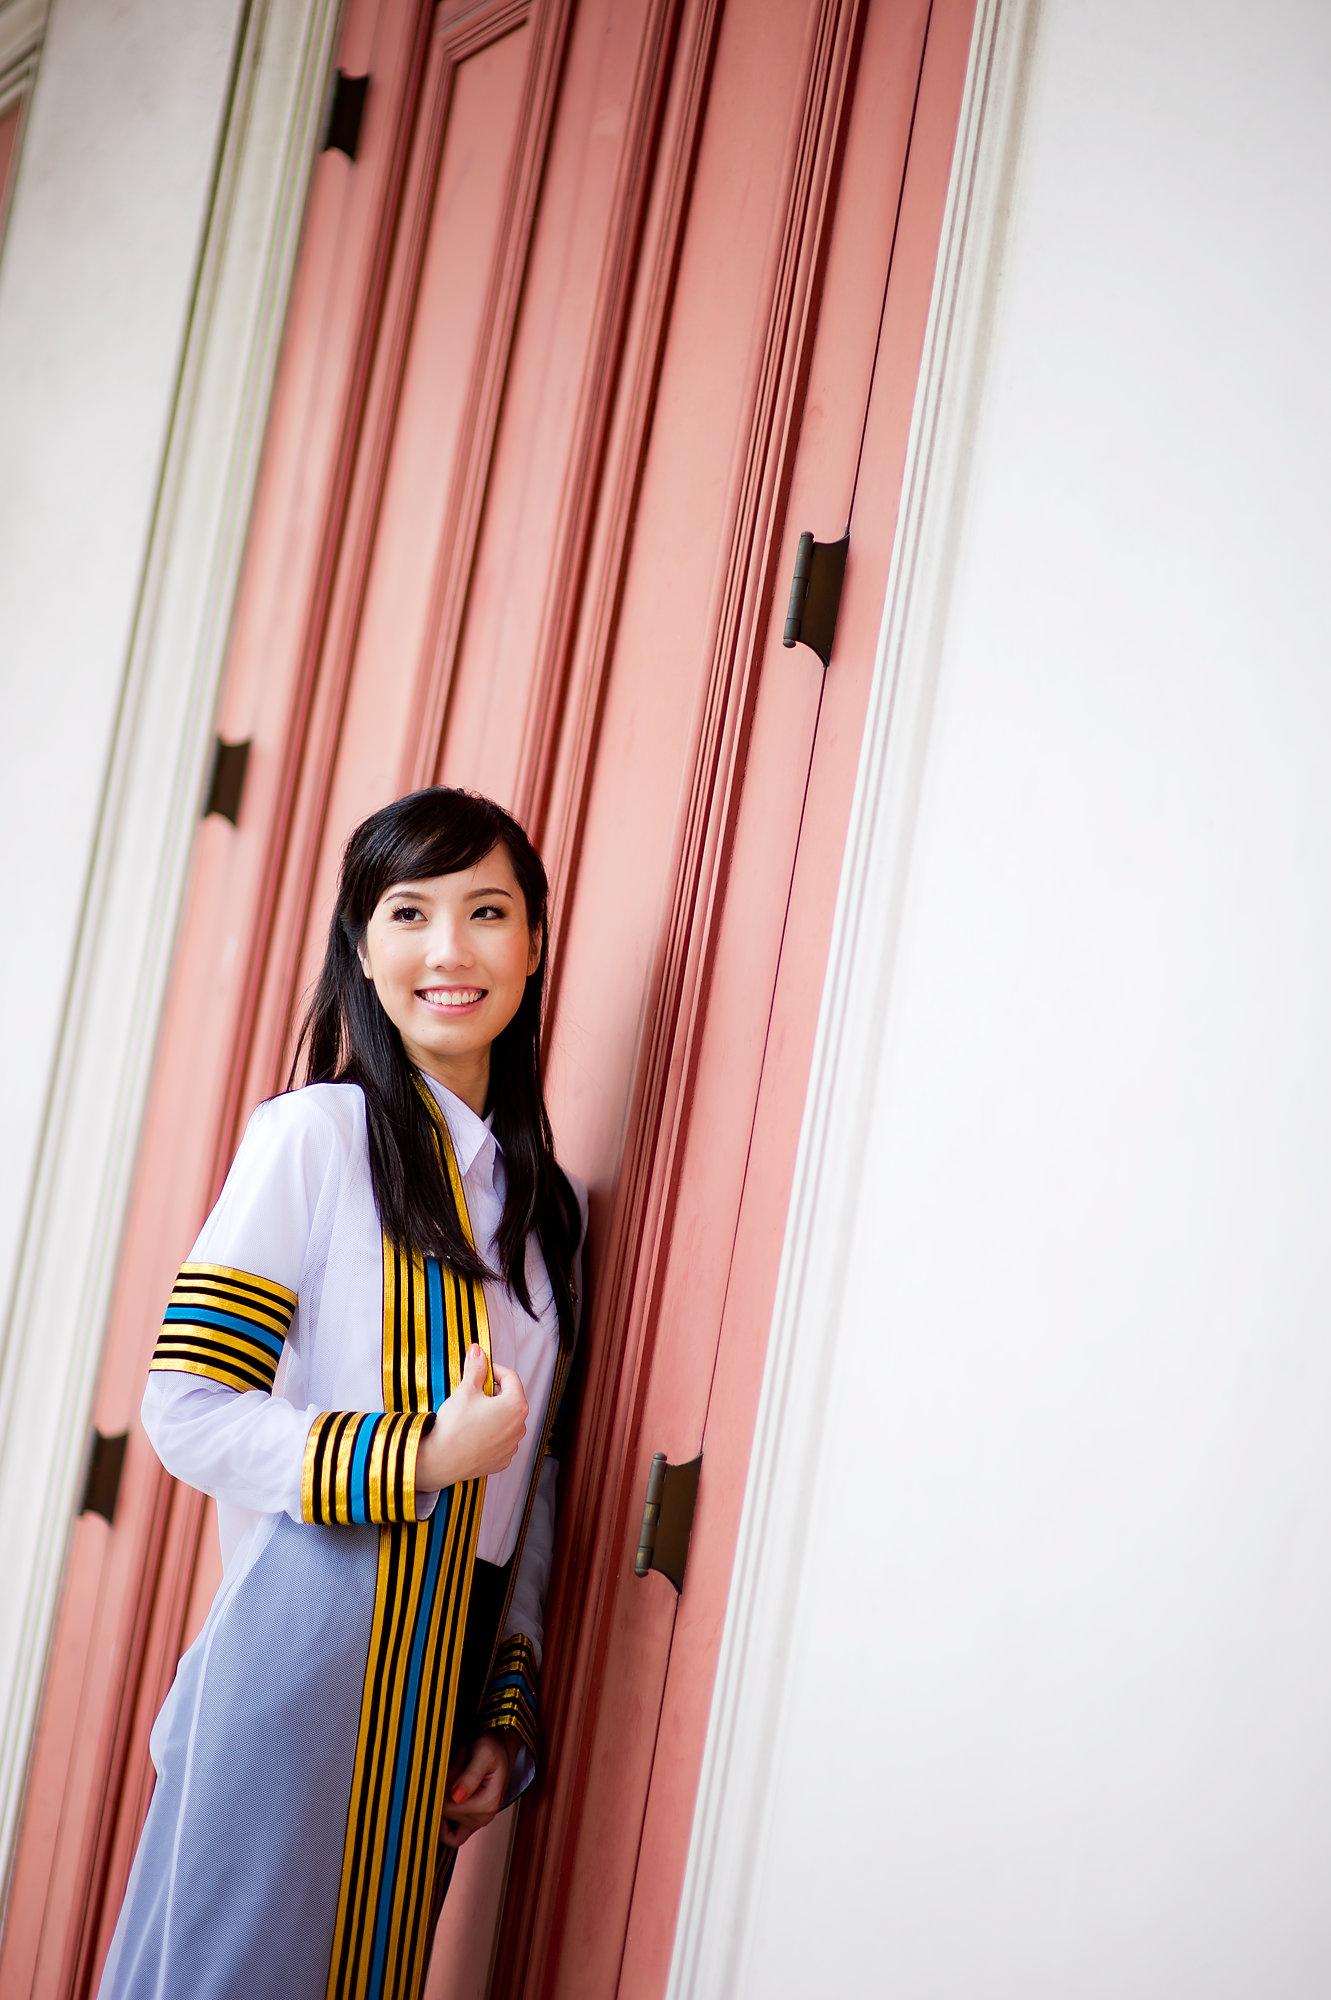 ภาพงานวันซ้อมรับปริญญาที่ จุฬาลงกรณ์มหาวิทยาลัย | Chulalongkorn University Graduation Rehearsal - Sasin Graduate Institute of Business Administration of Chulalongkorn University